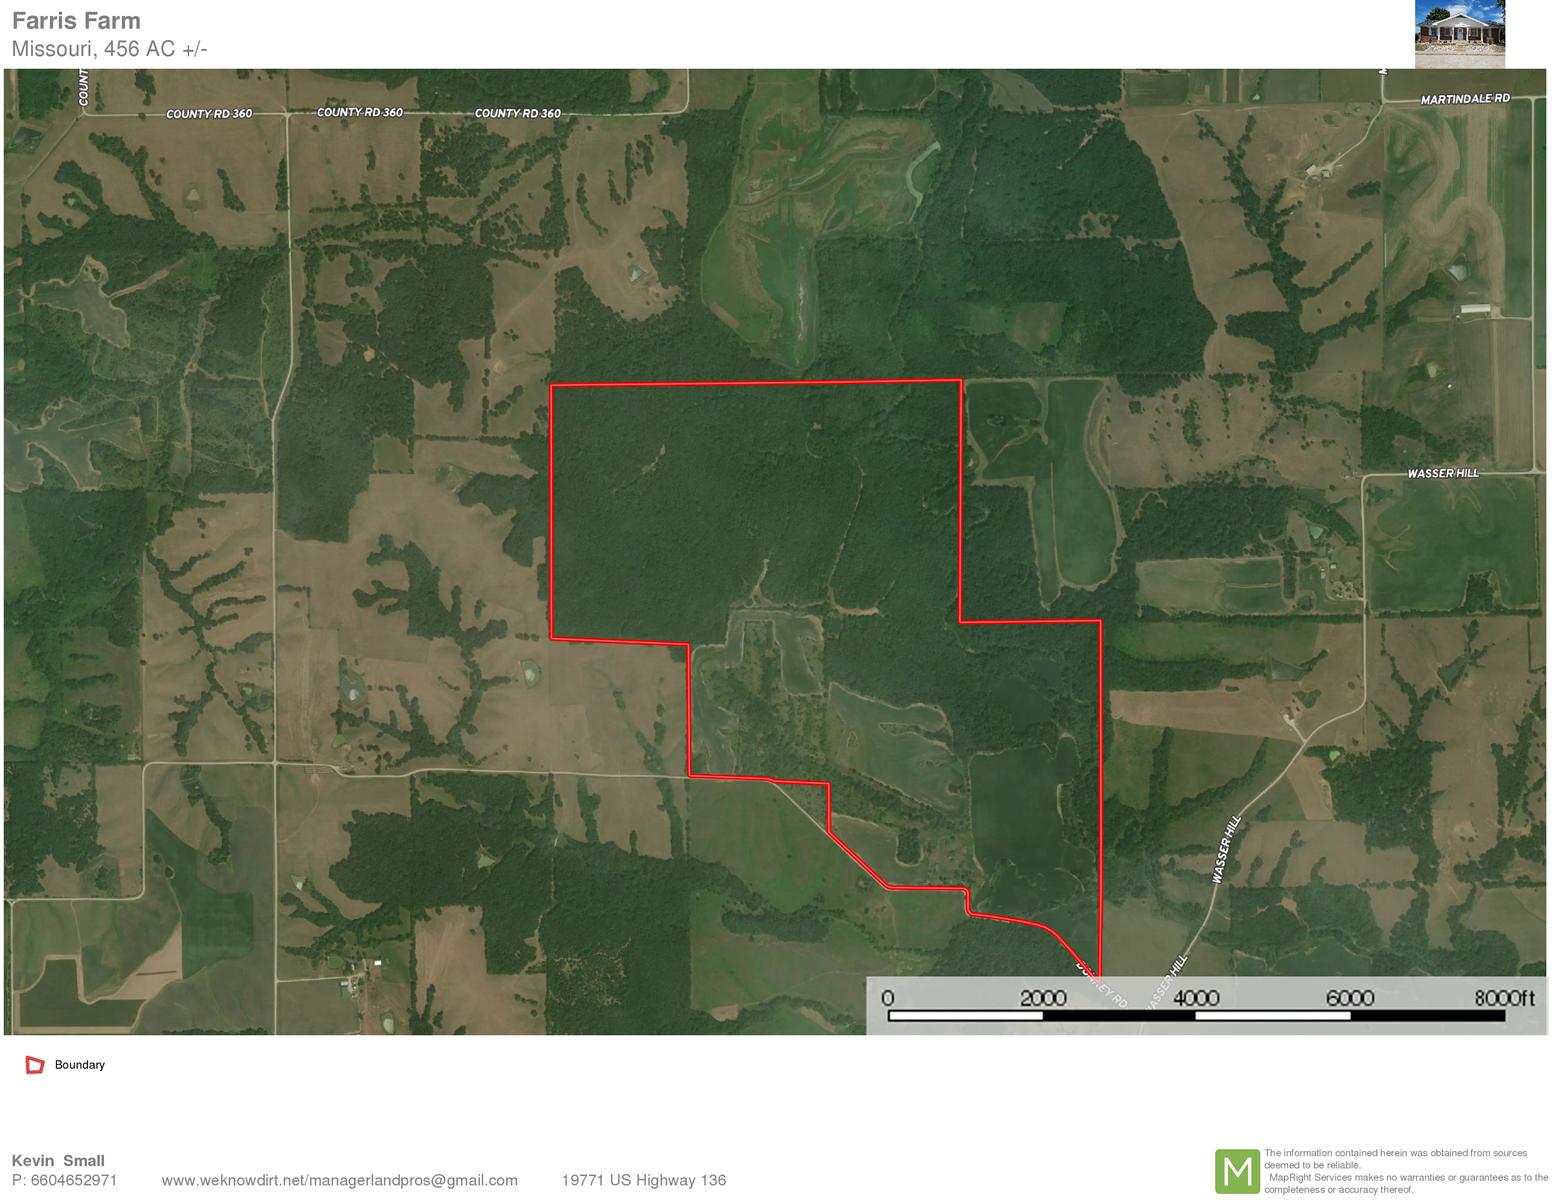 Northern Missouri Premium Hunting Farm